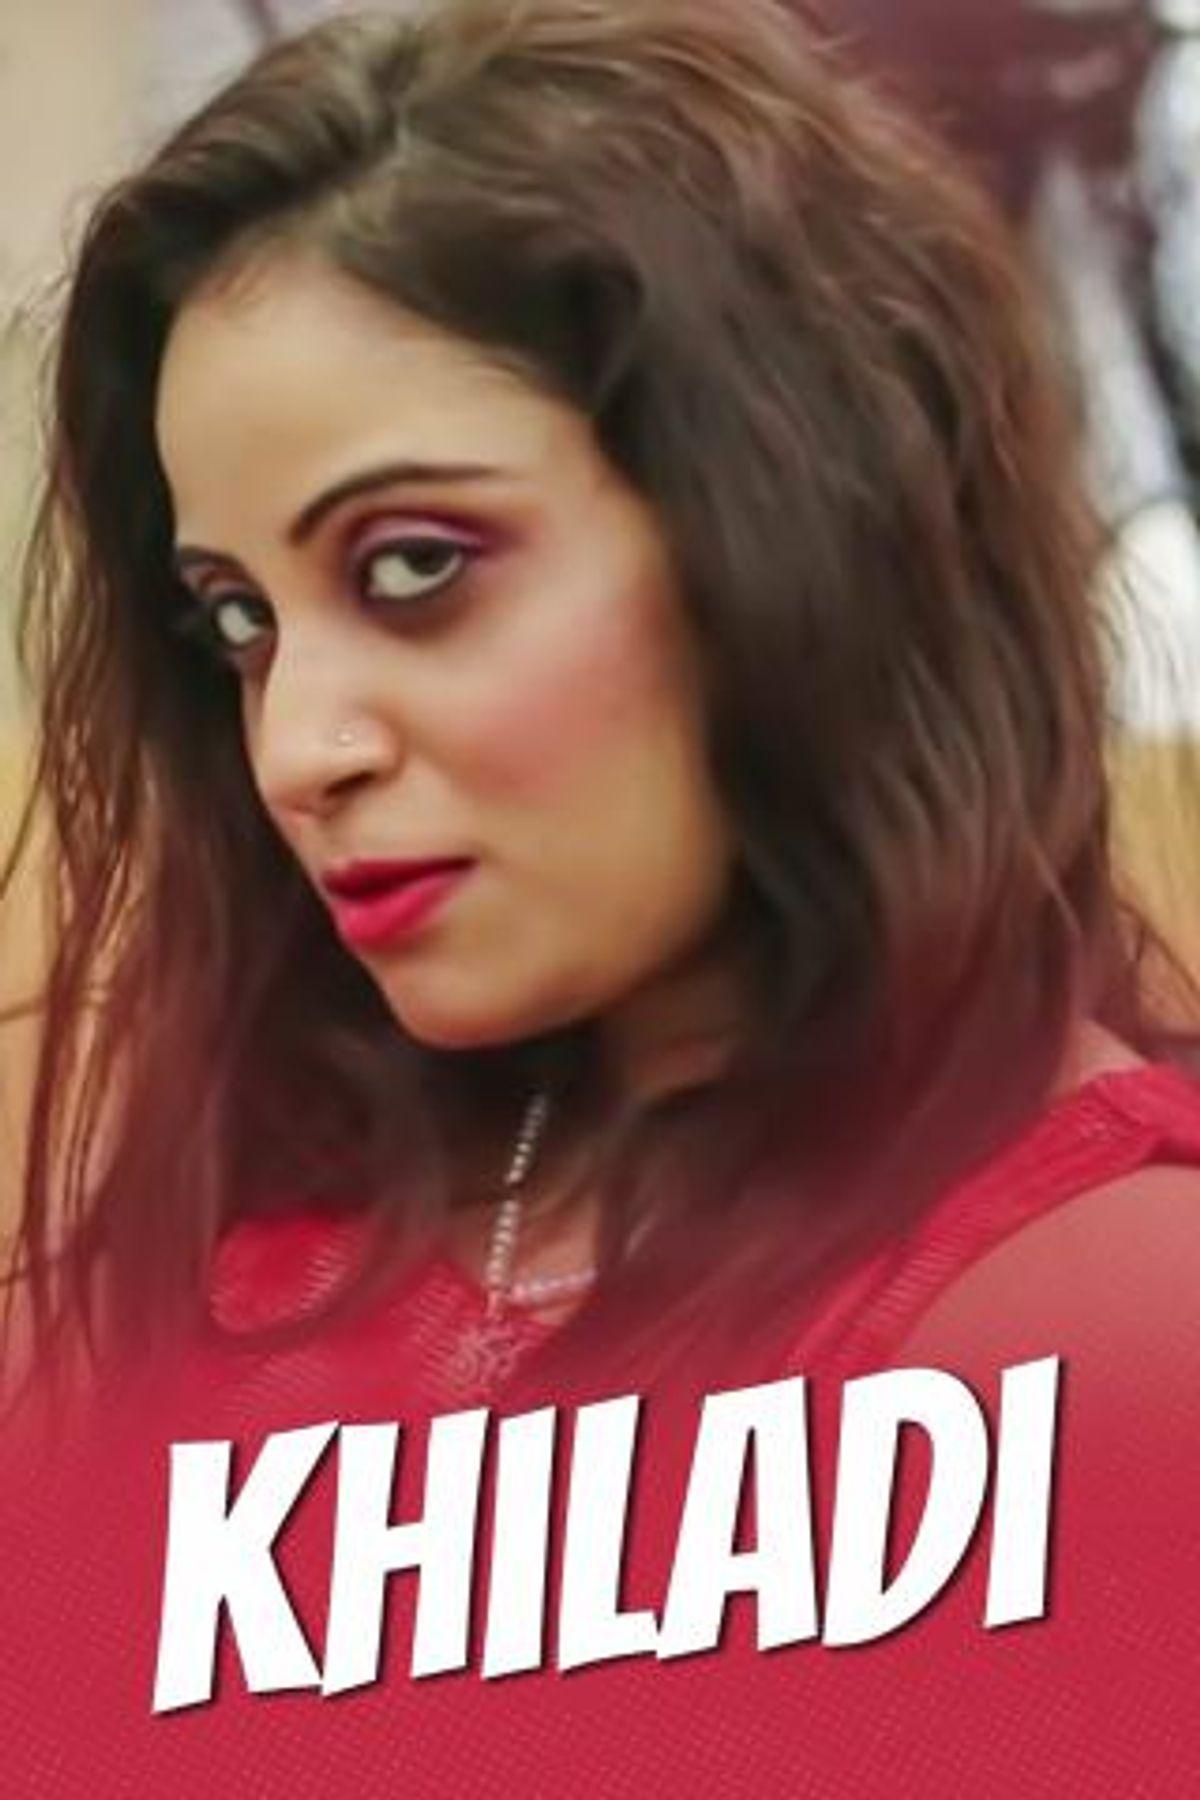 Khiladi (Short Film)